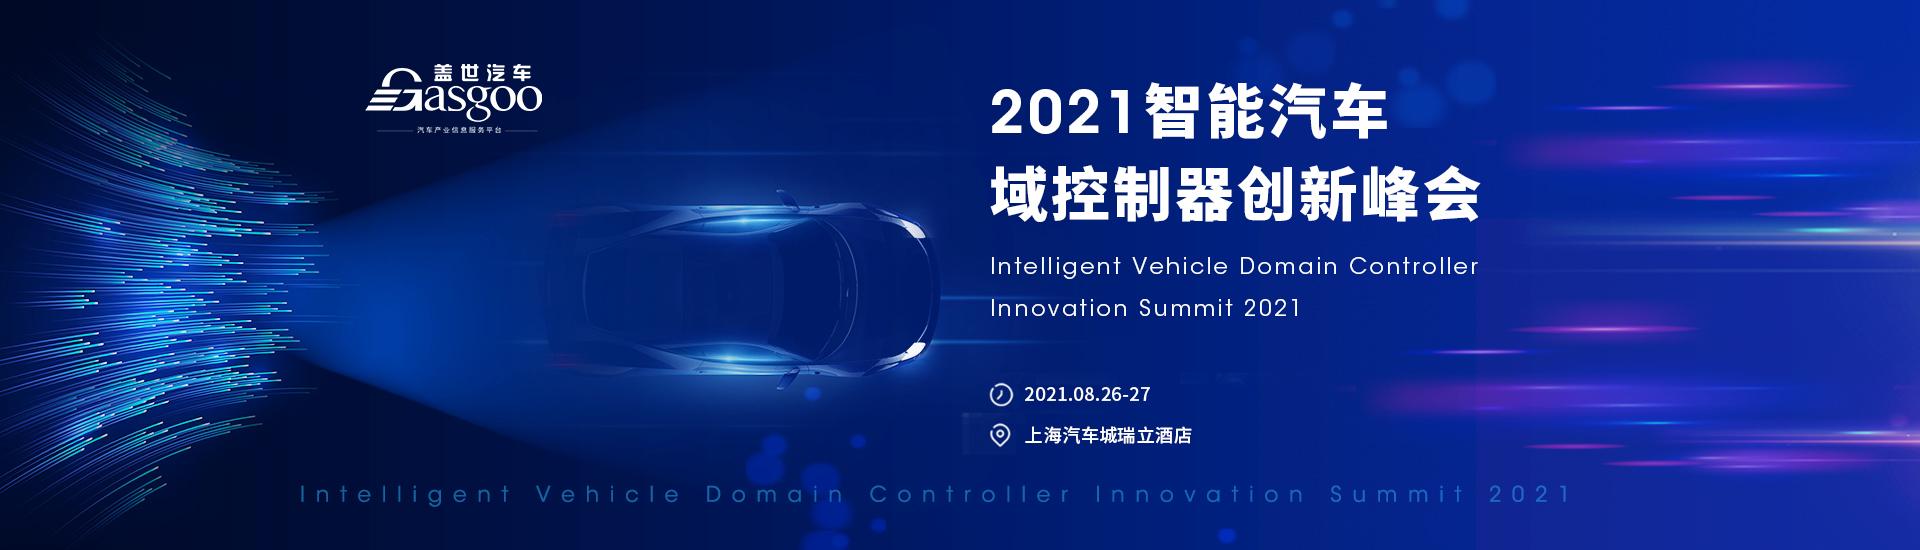 盖世汽车2021智能汽车域控制器创新峰会